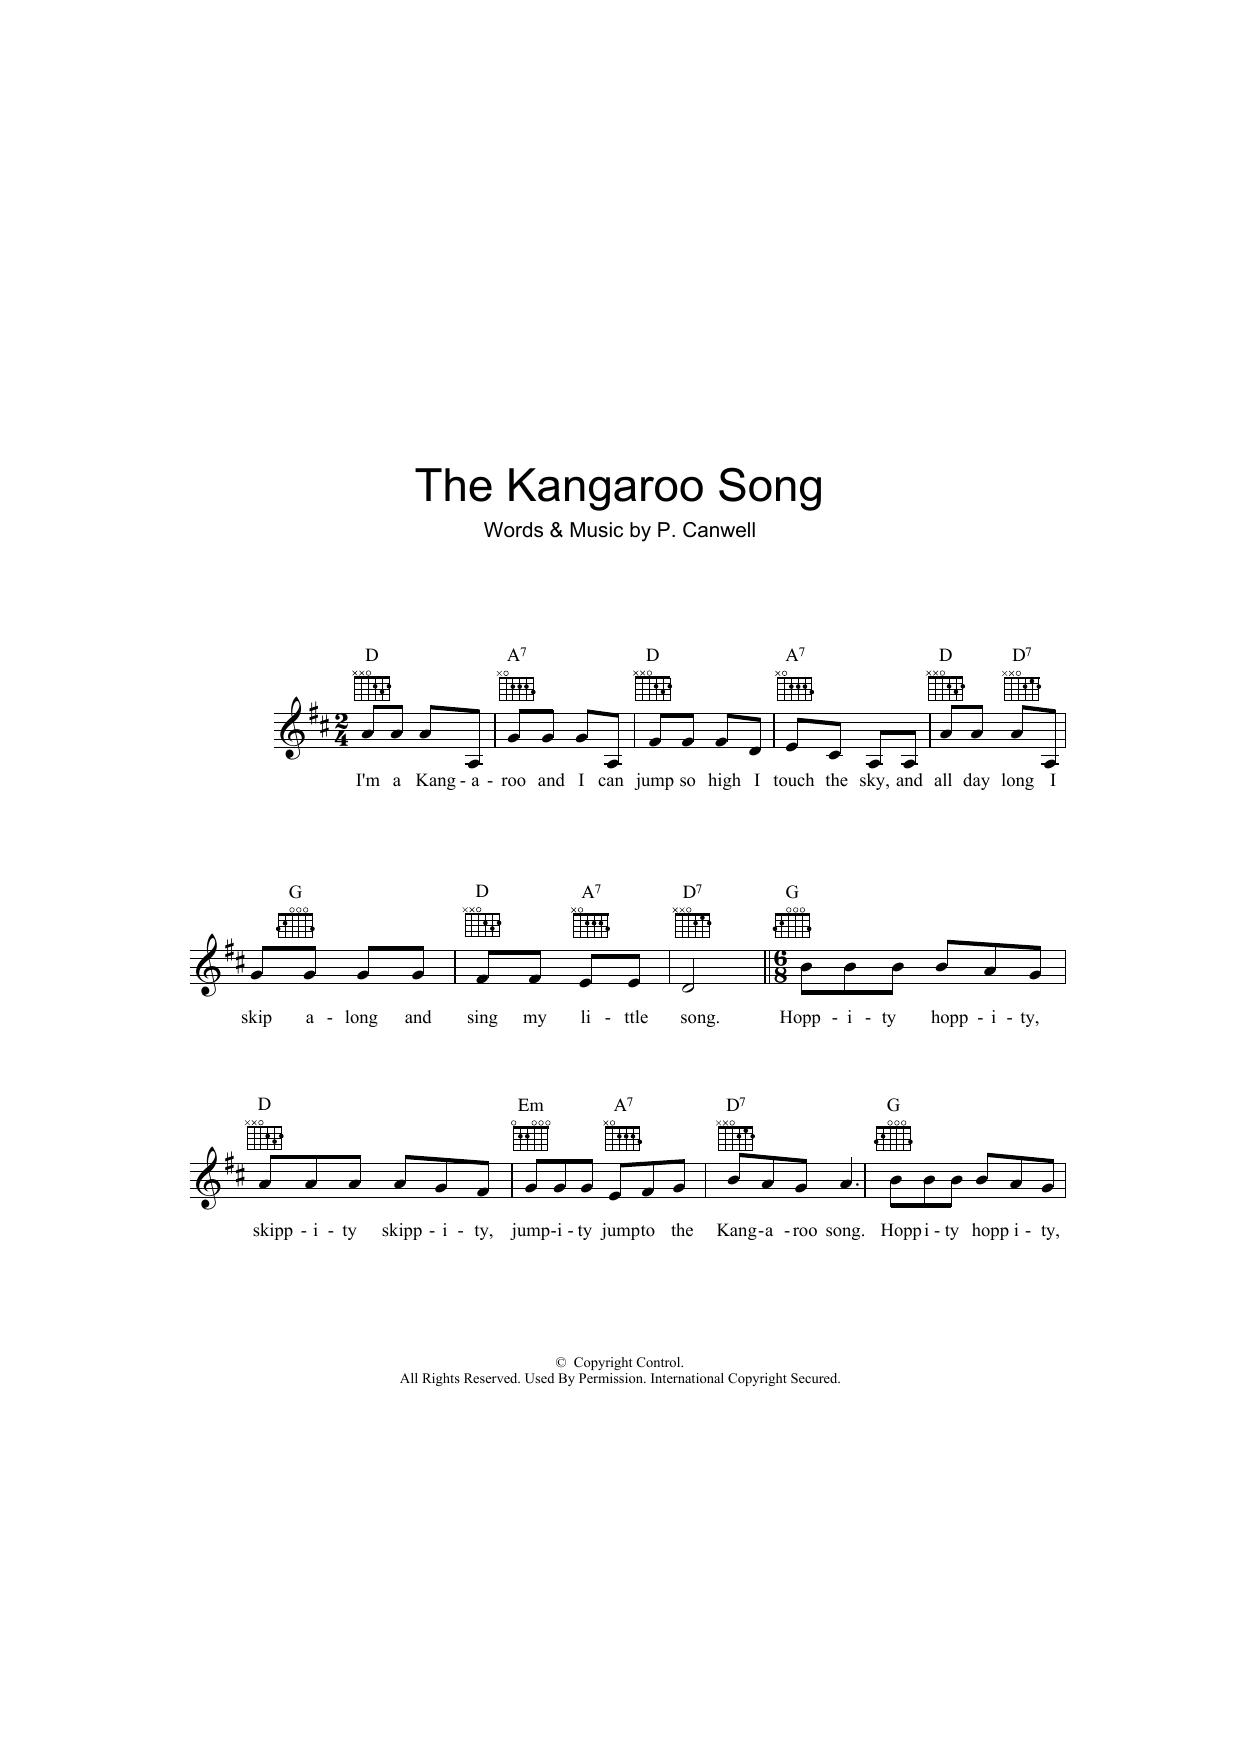 The Kangaroo Song Sheet Music